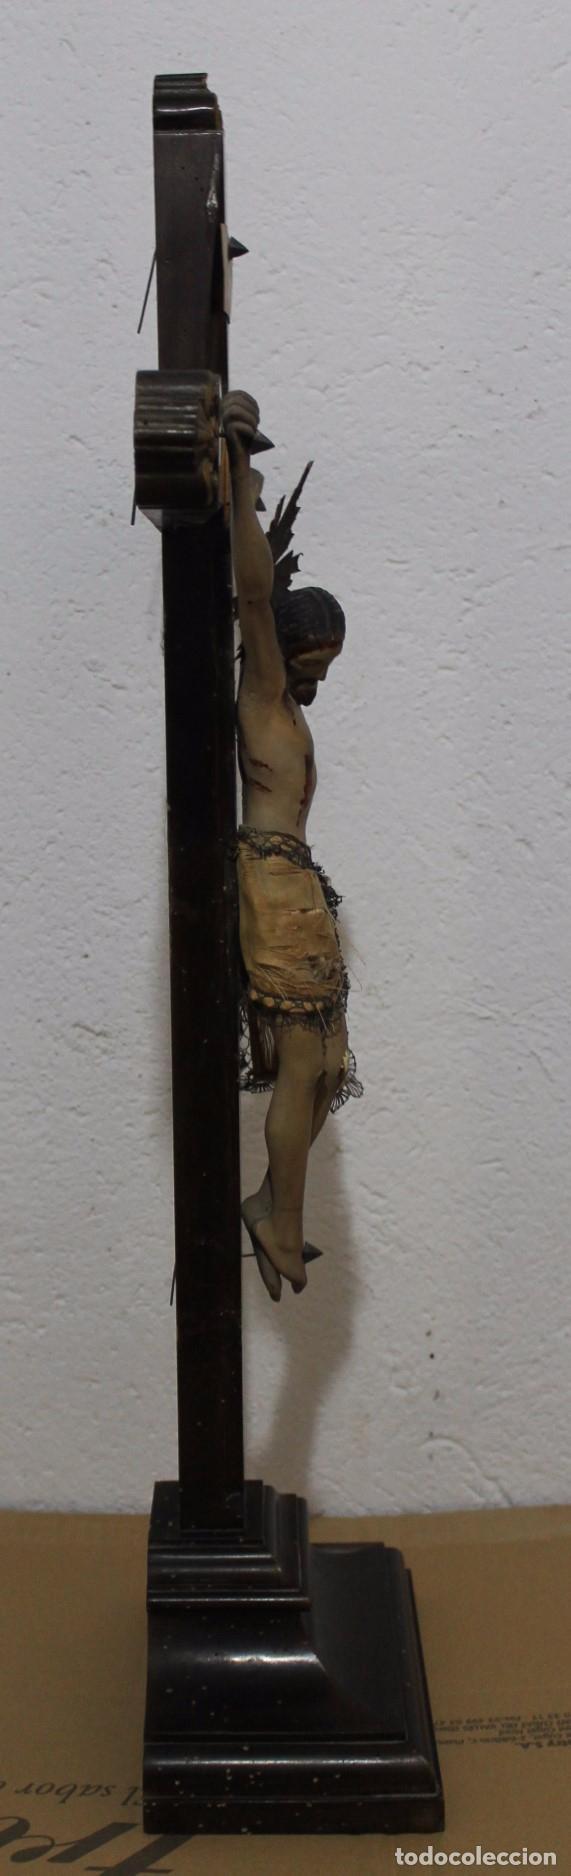 Arte: CRISTO ISABELINO EN TALLA DE MADERA POLICROMADA - CRUZ CON REMATES DORADOS - SIGLO XIX - Foto 20 - 180910910